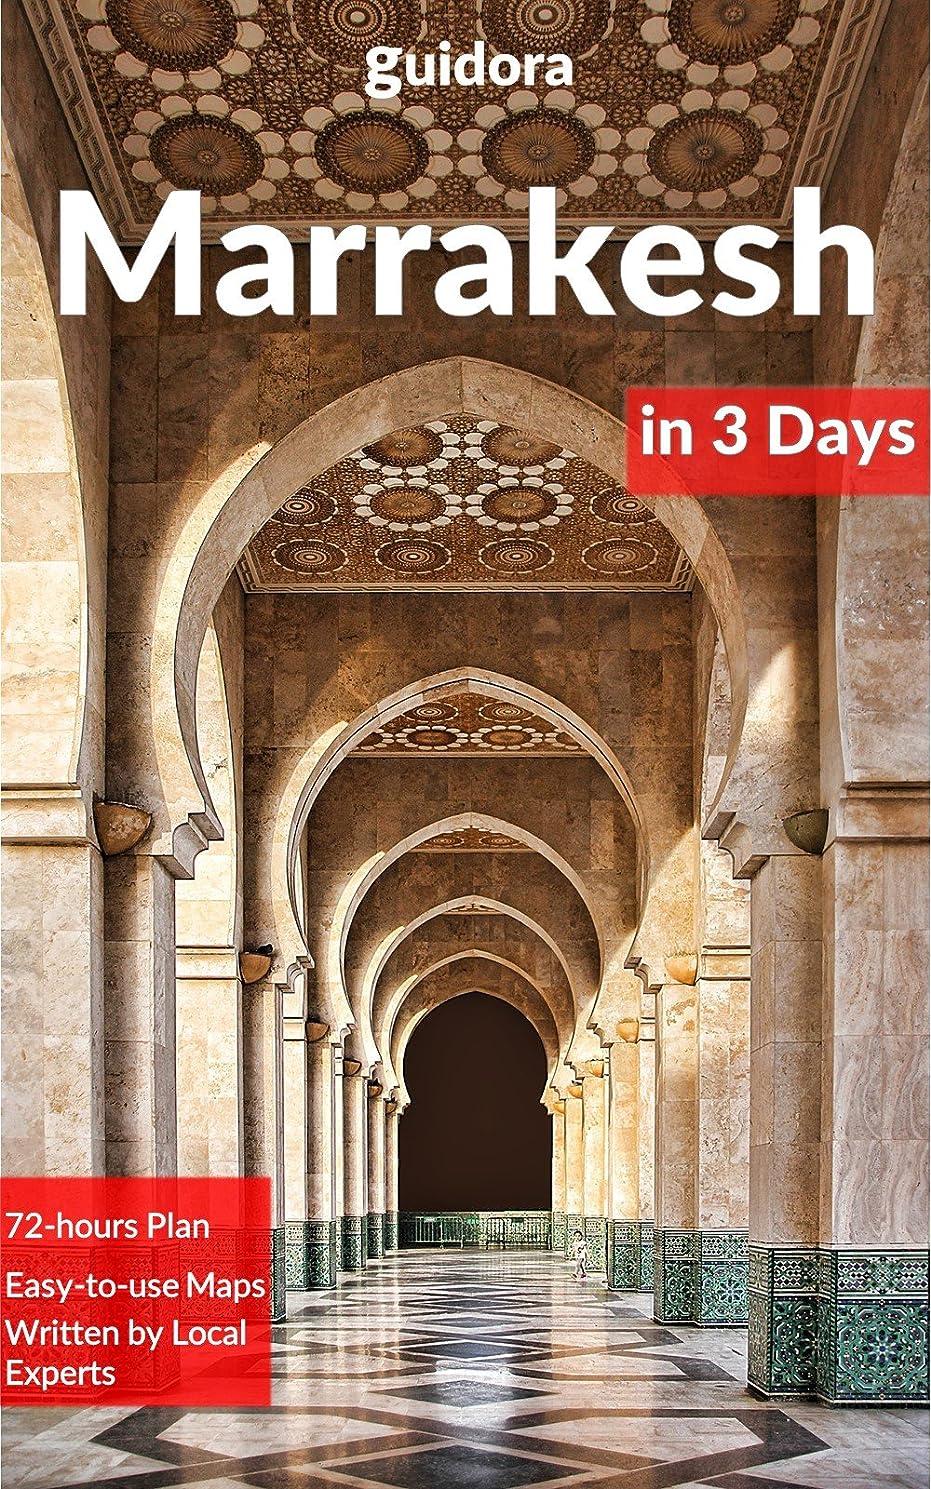 志す大学伝えるMarrakesh in 3 Days (Travel Guide 2019): Best Things to Do and See in Marrakech, Morocco: Where to stay, eat & go out. What to see & do. Includes Google ... 3-day detailed itinerary. (English Edition)